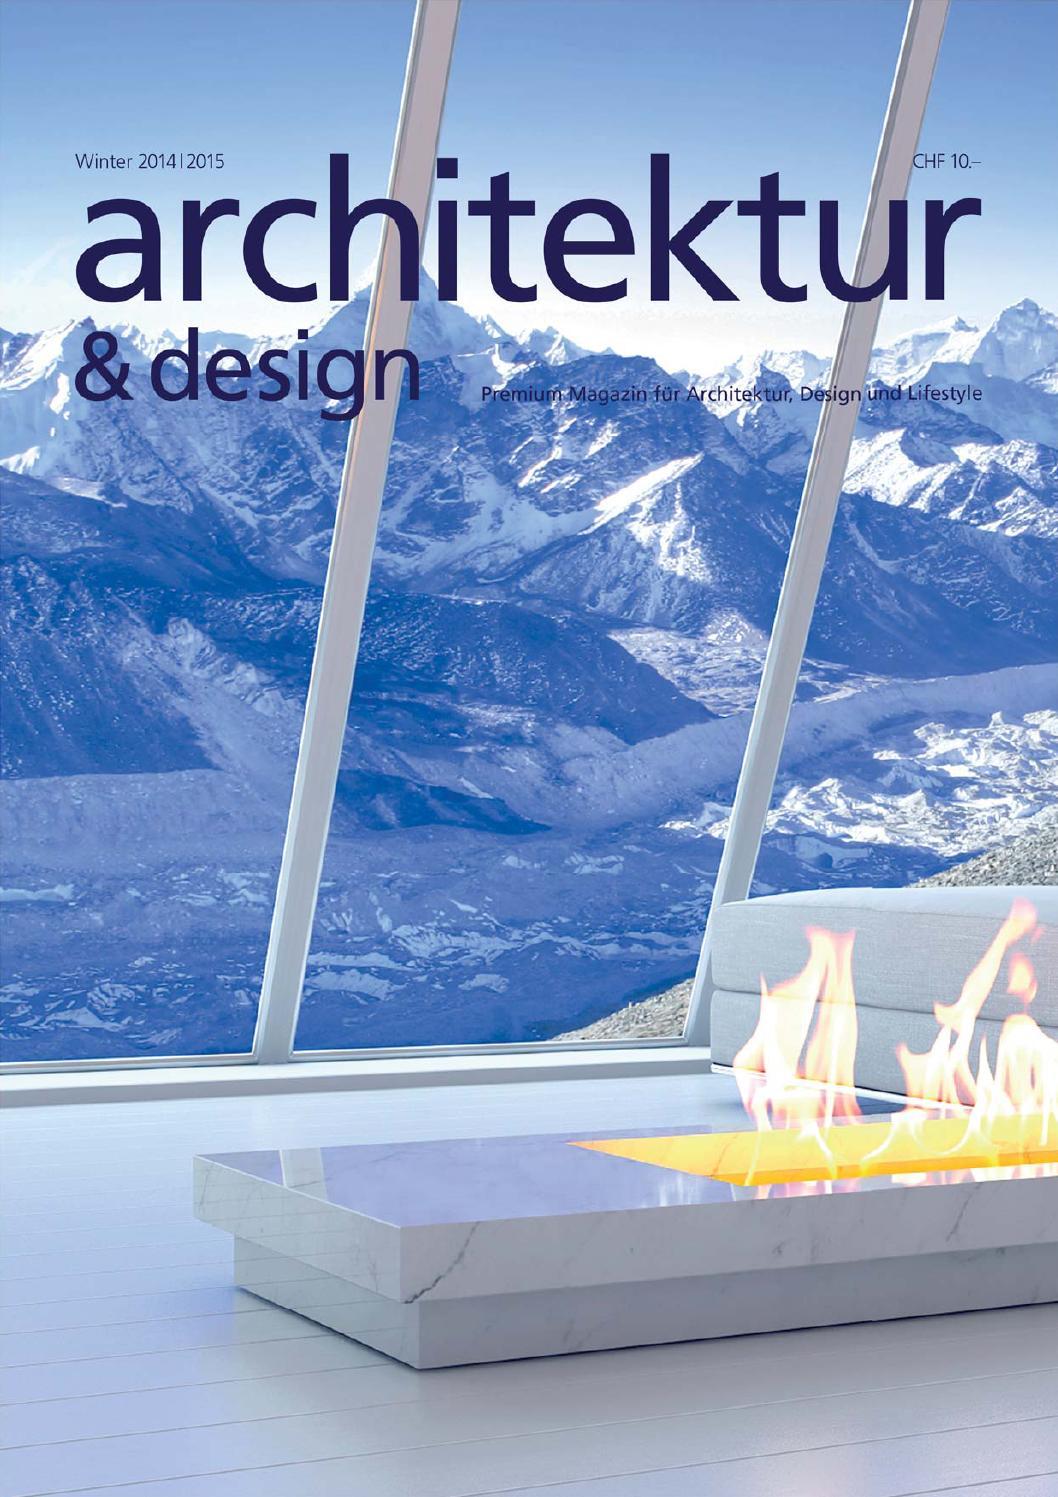 Architektur und design 1 halbjahr 2015 by new time design for Architektur und design